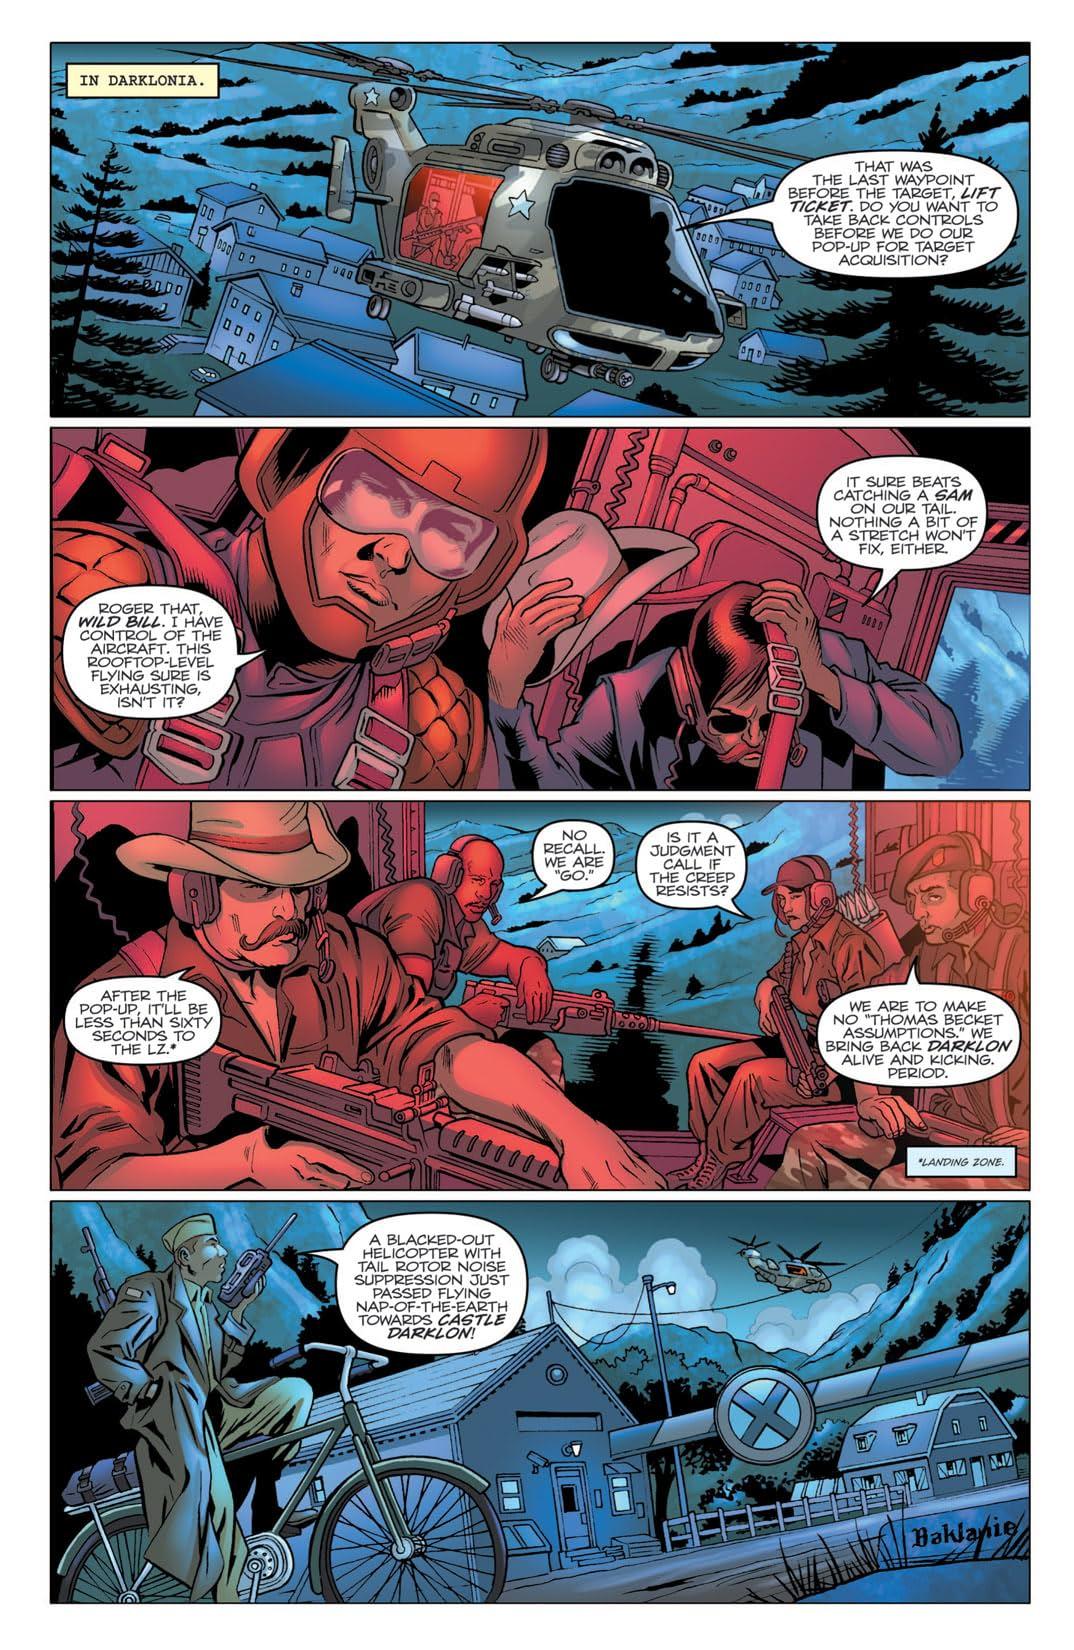 G.I. Joe: A Real American Hero #171